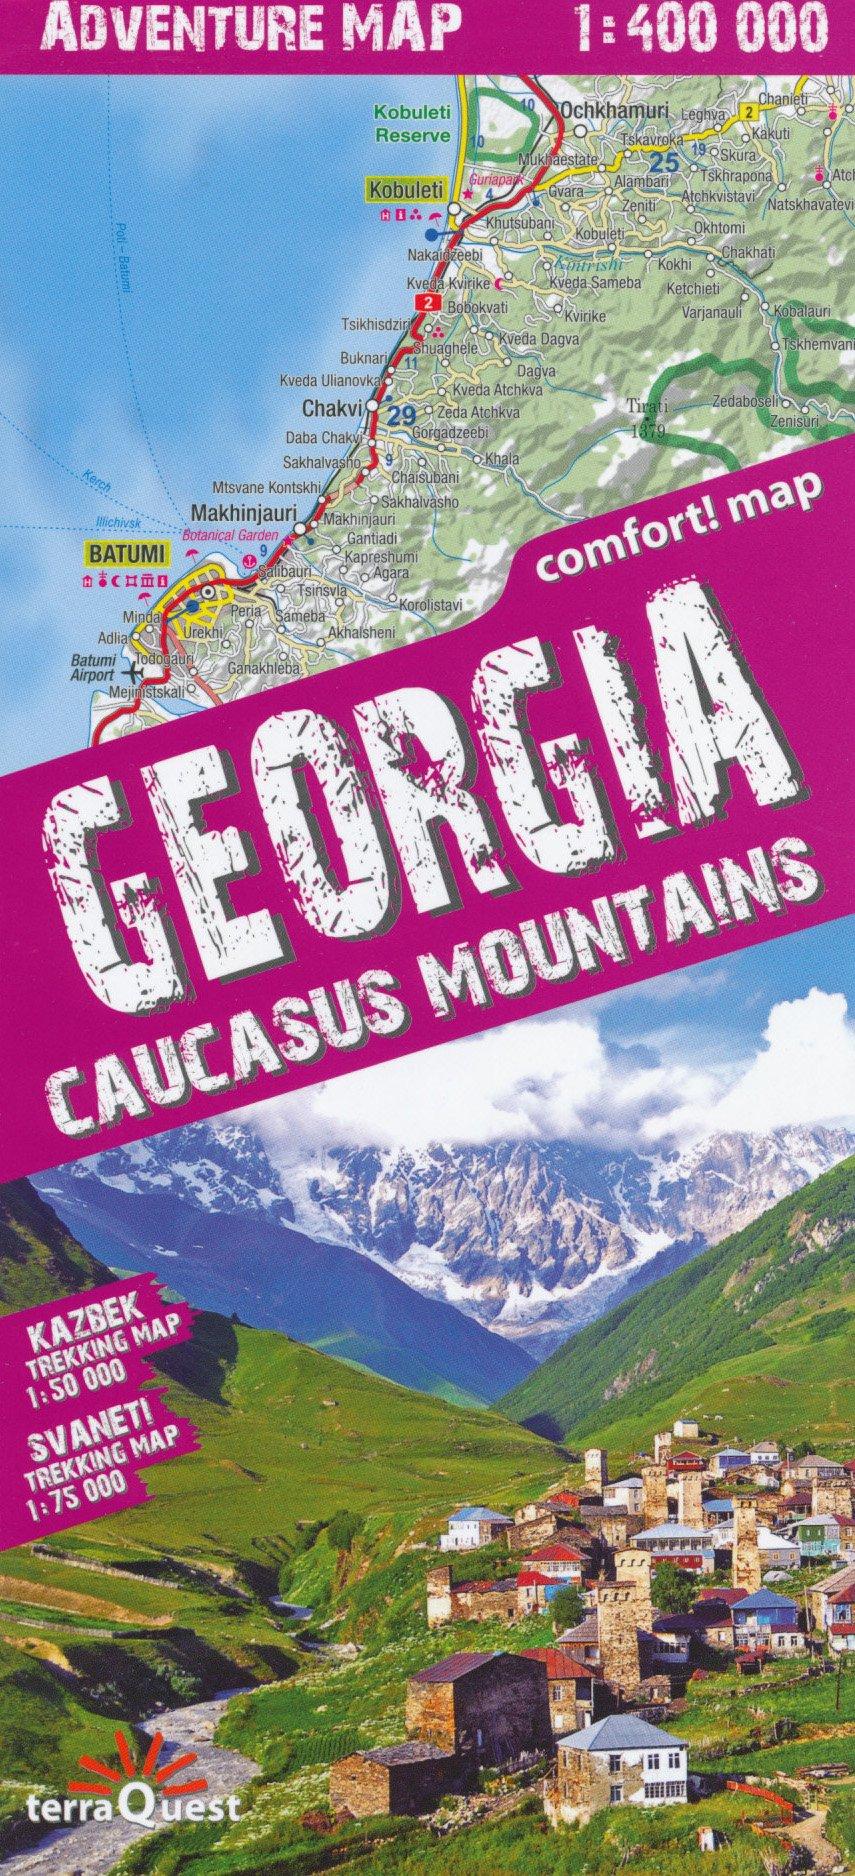 Map Of Georgia Landforms.Georgia Caucasus 1 400 000 Adventure Map Tq Trekking